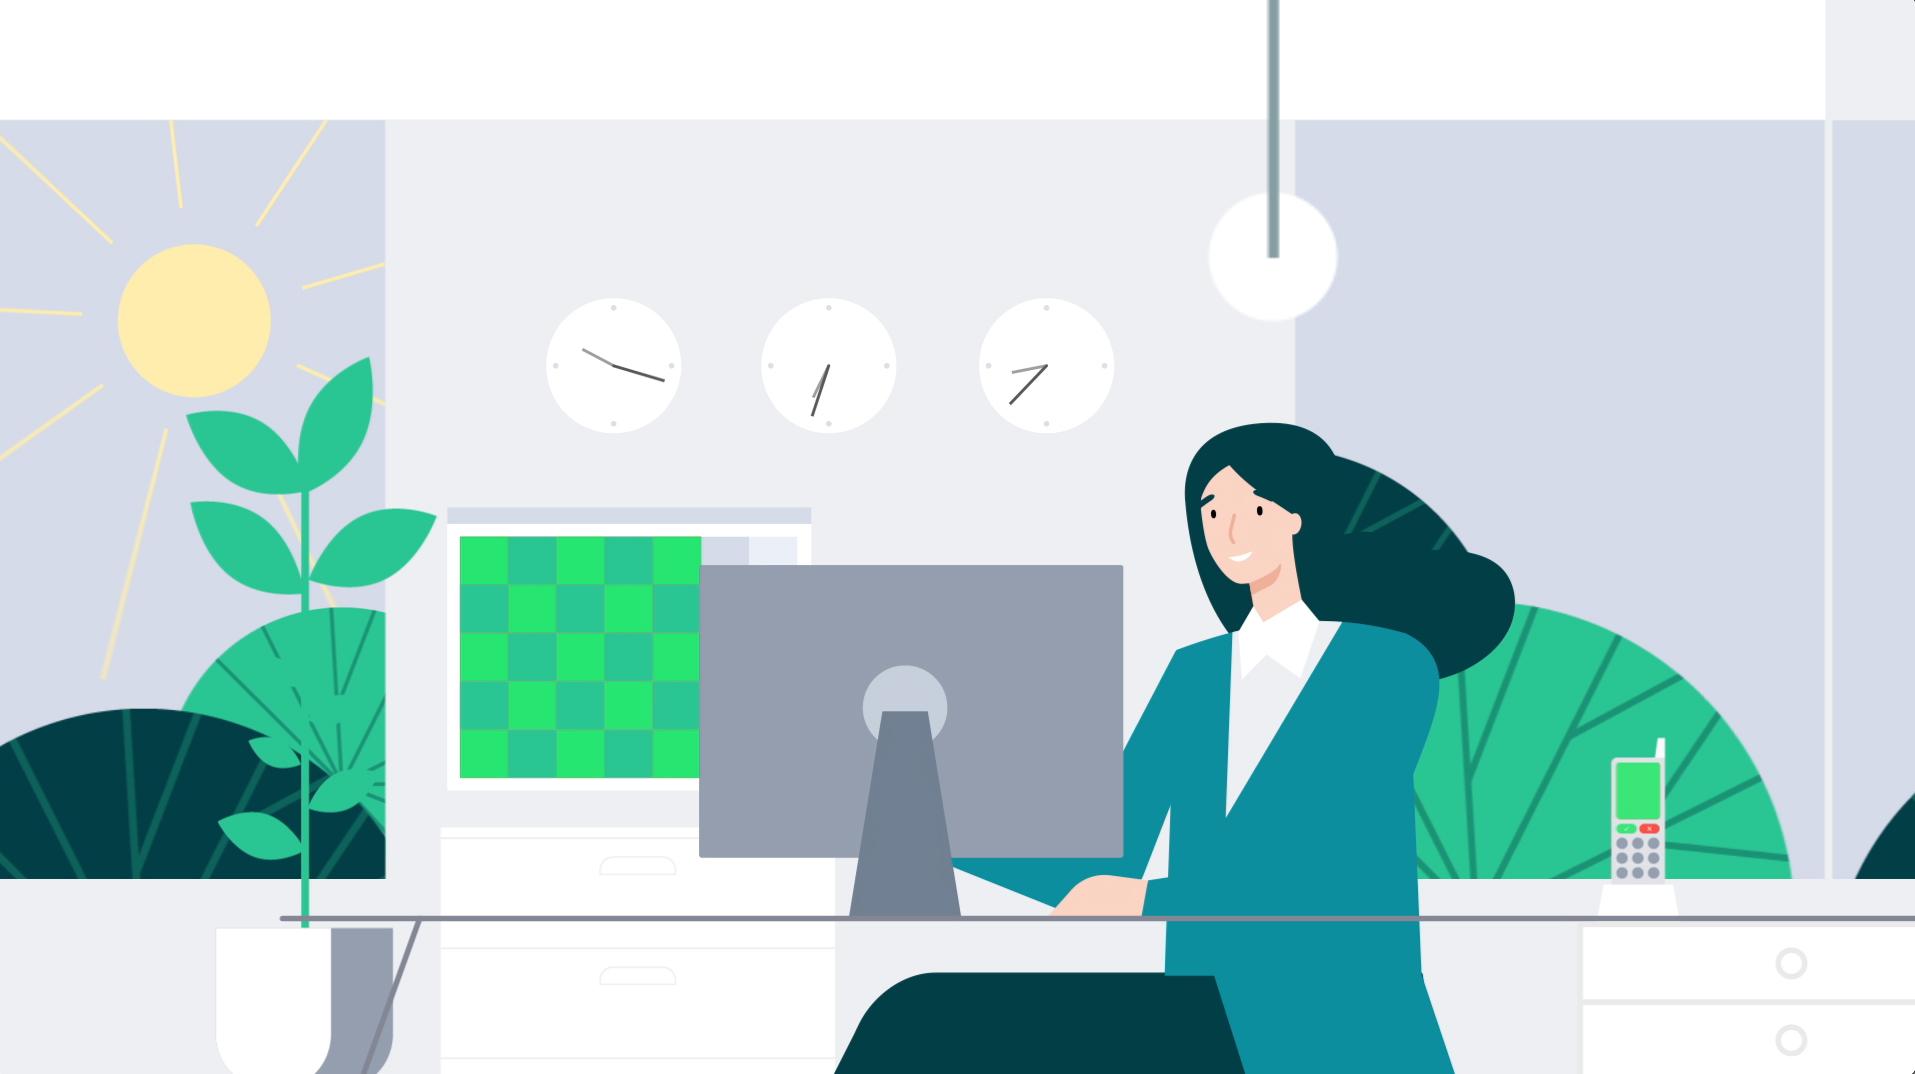 An animation still